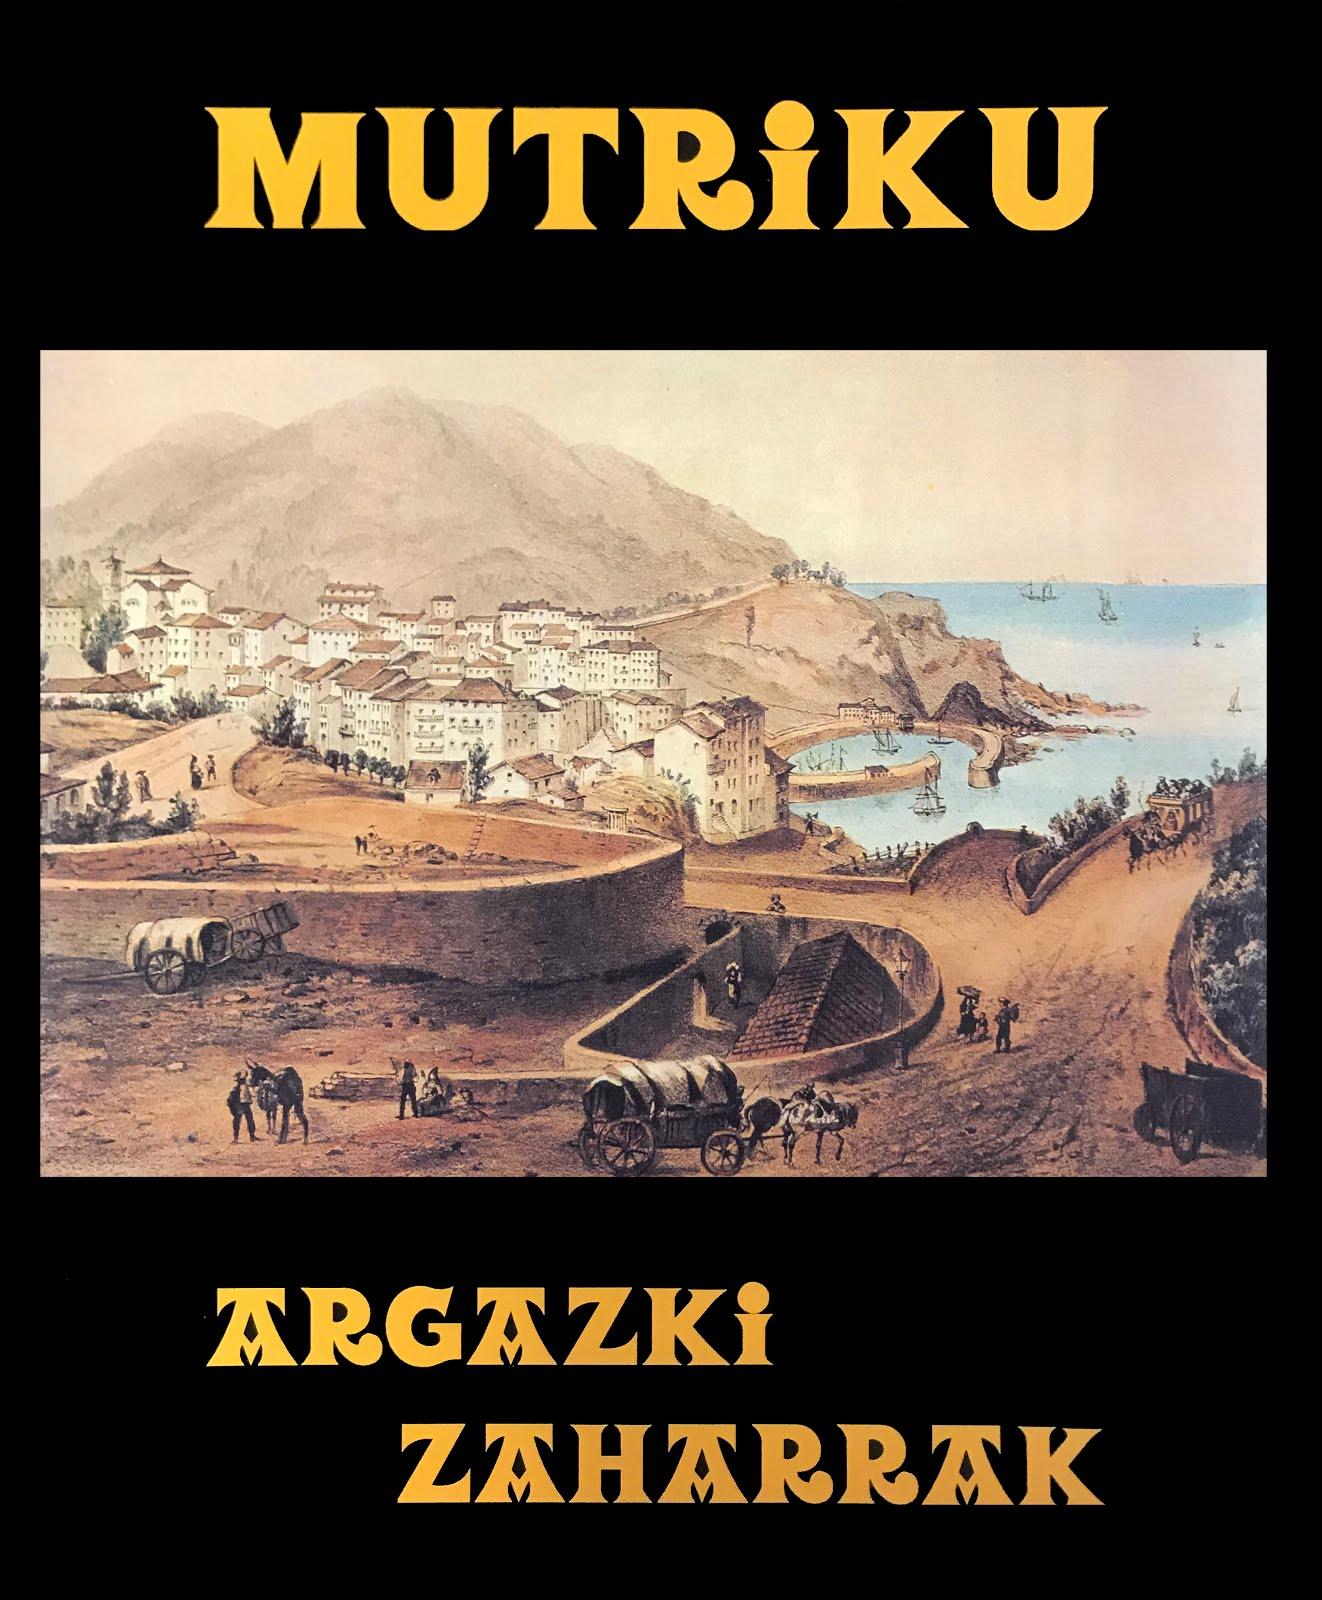 Mutriku - Argazki zaharrak